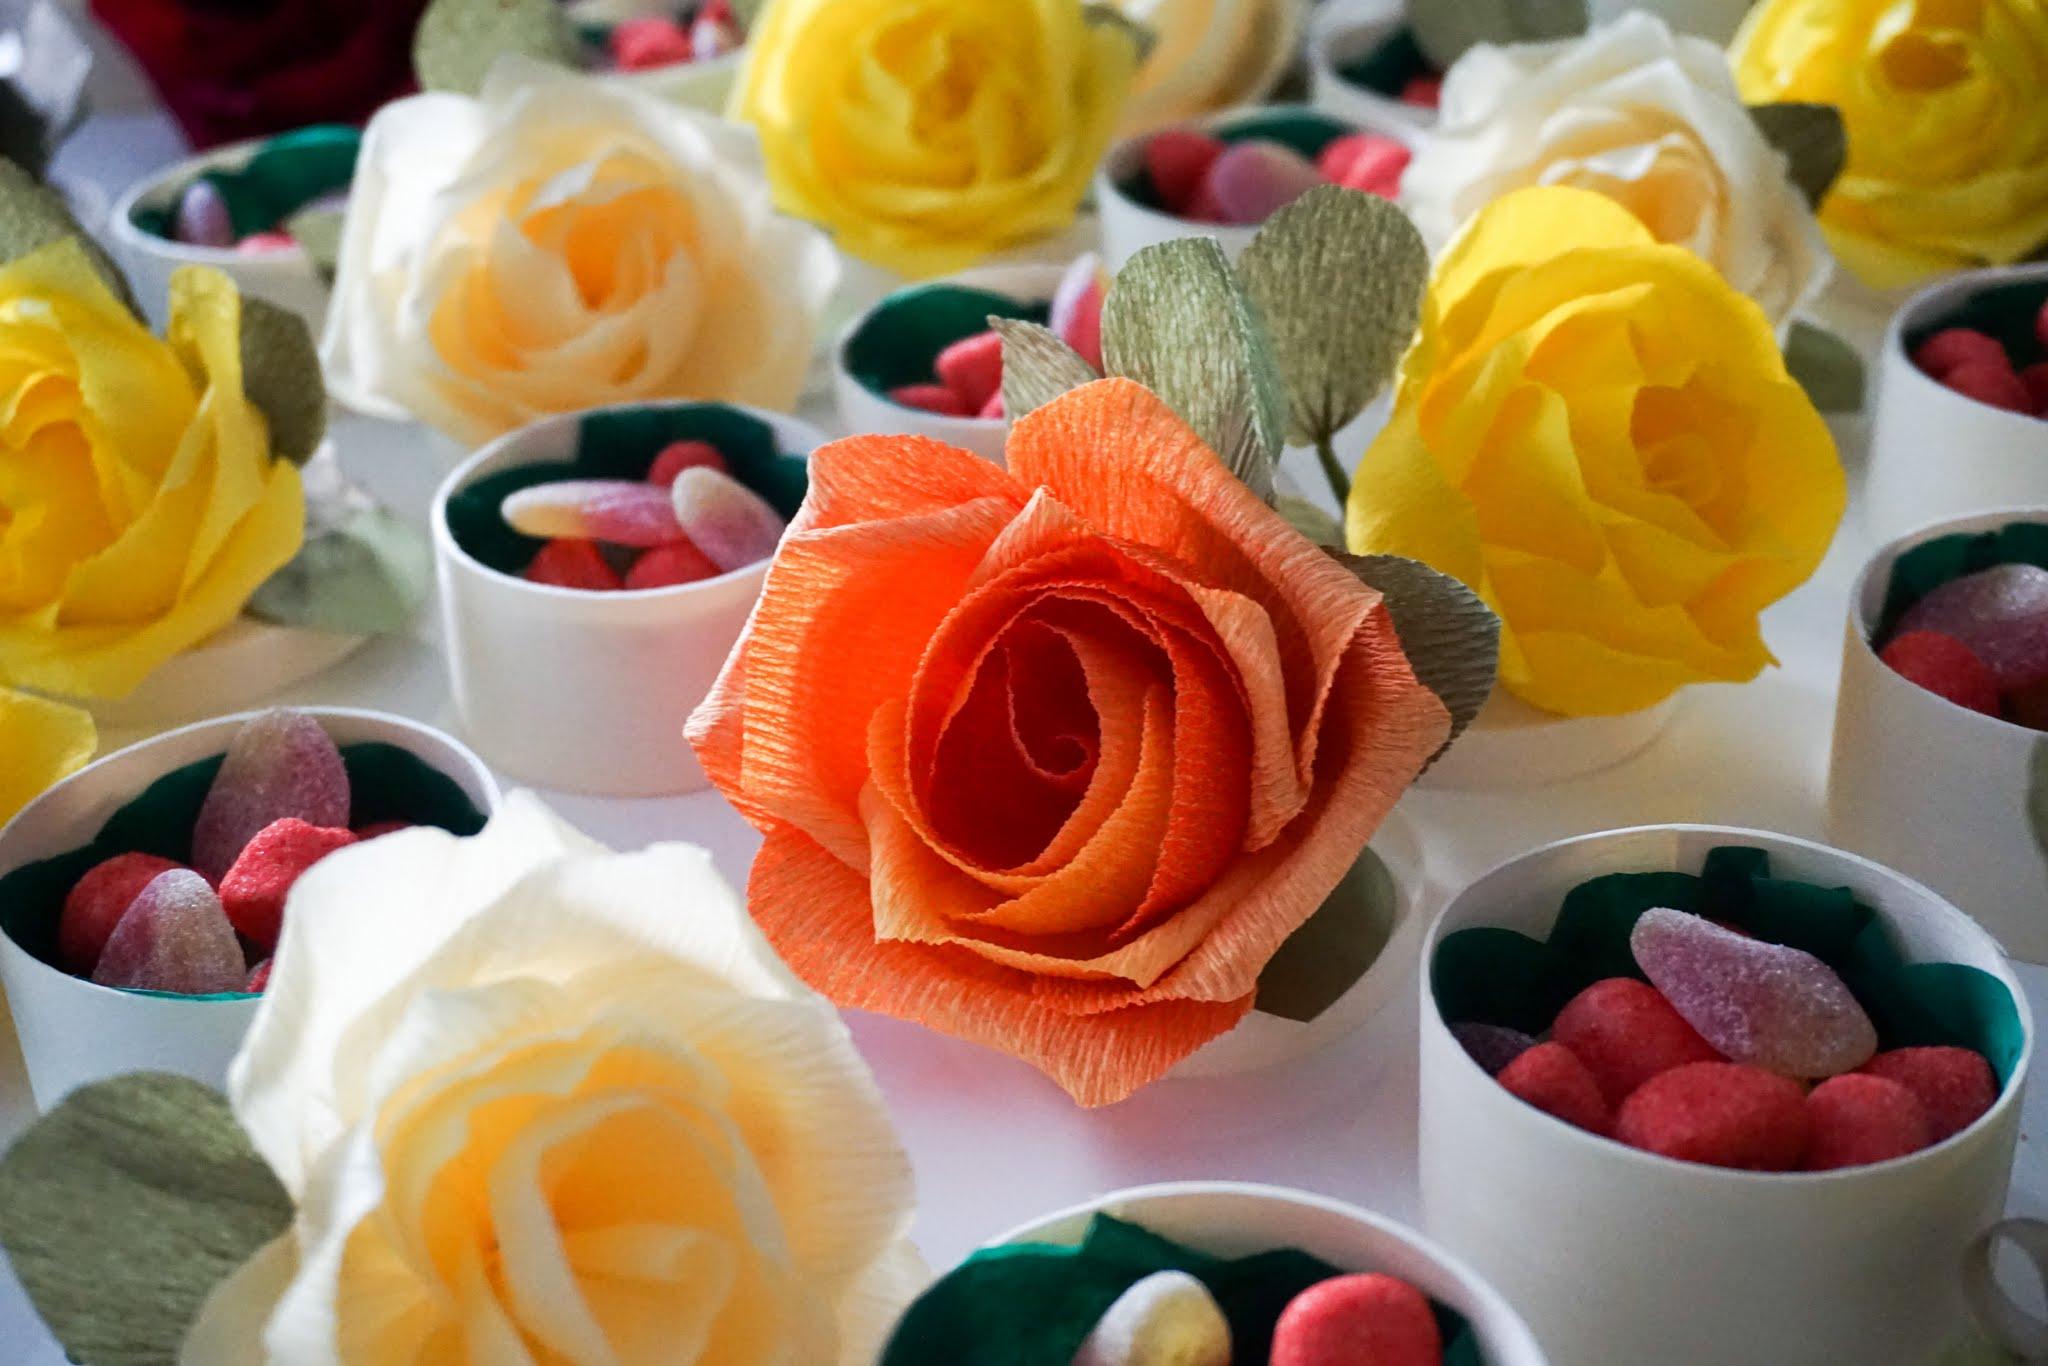 Bucurii din buzunarul sufletului - povestea celor 100 de trandafiri din hartie